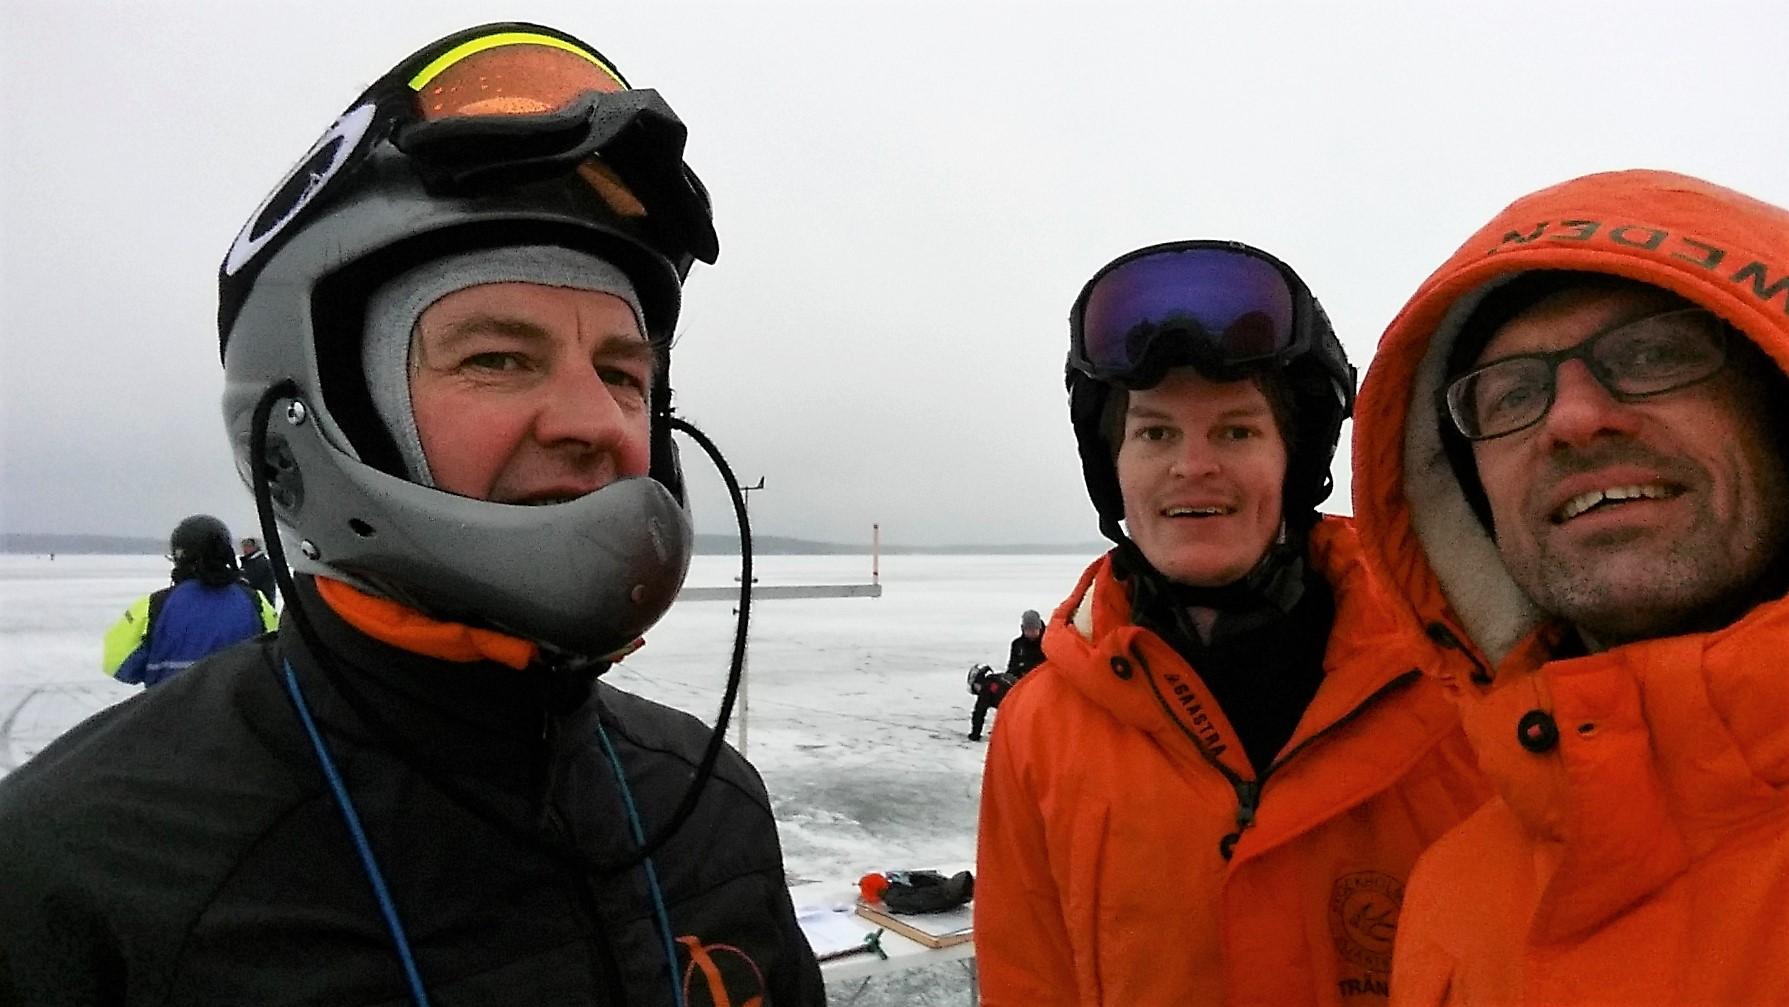 S-8 Fredrik Lönergren, S-794 Oscar Wersäll and S-896 Peter Witt (photo: Peter Witt)